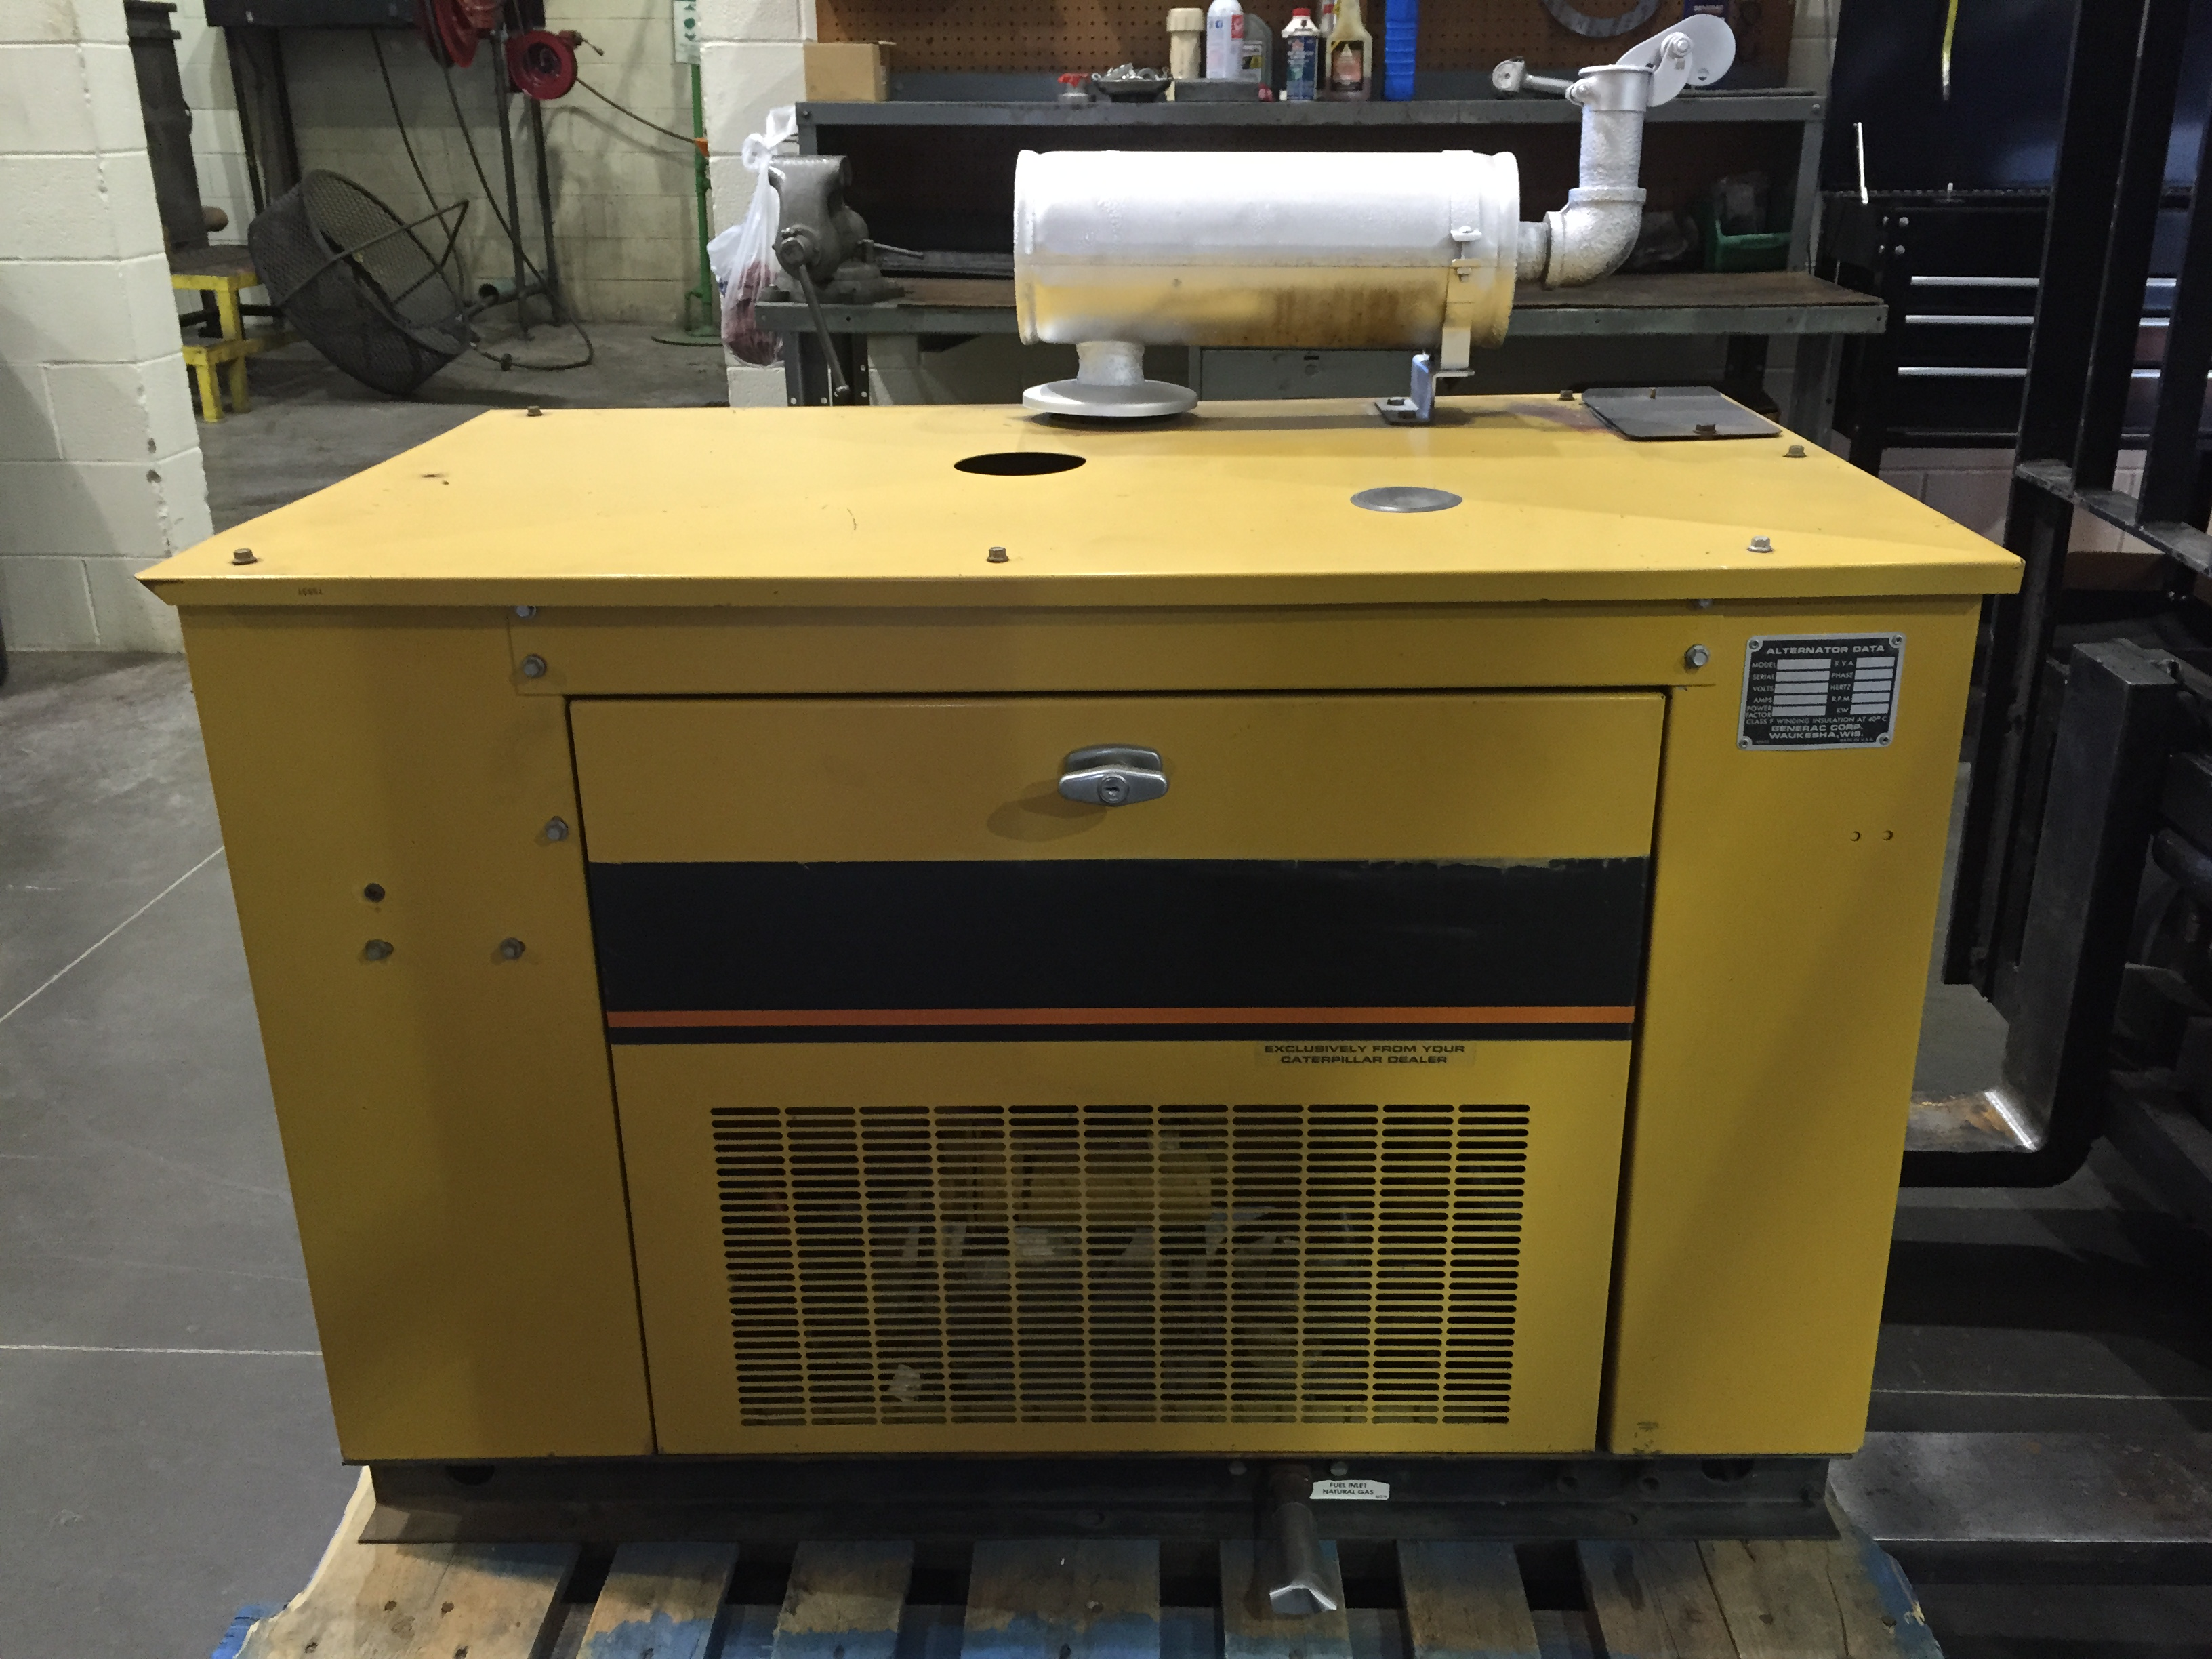 16kw Used Industrial Power Generator